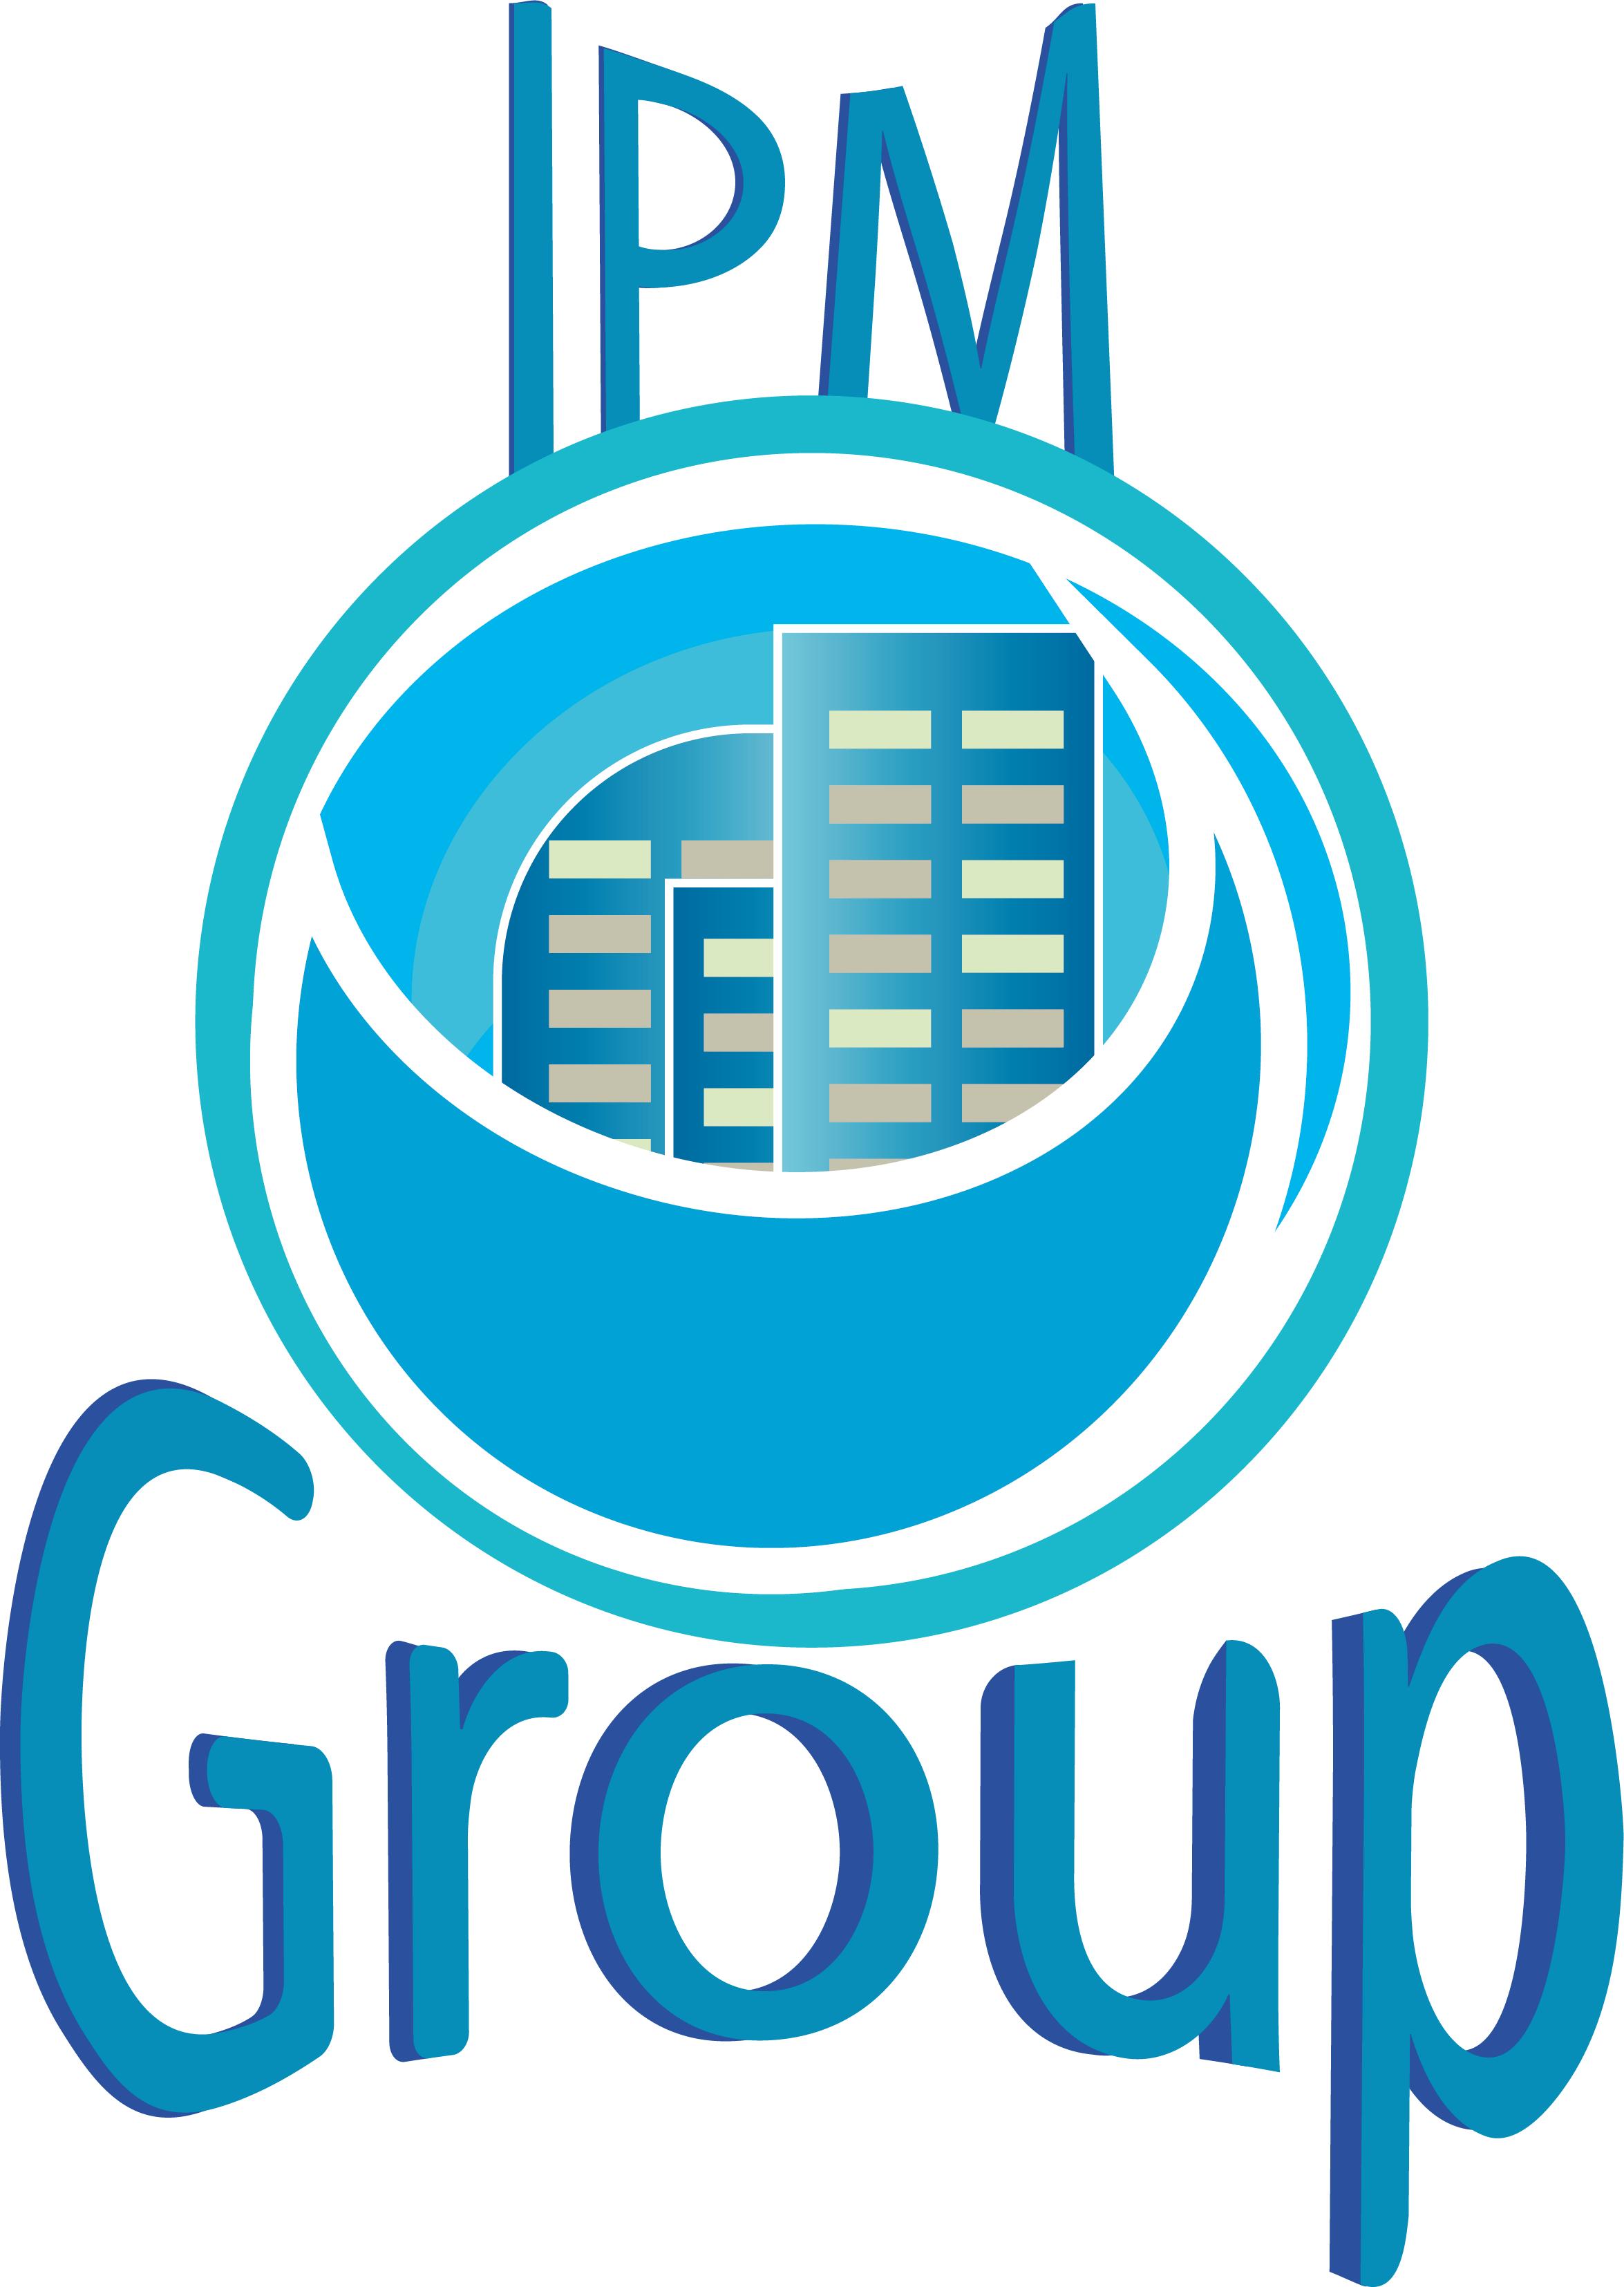 Разработка логотипа для управляющей компании фото f_7105f839f78d691d.png